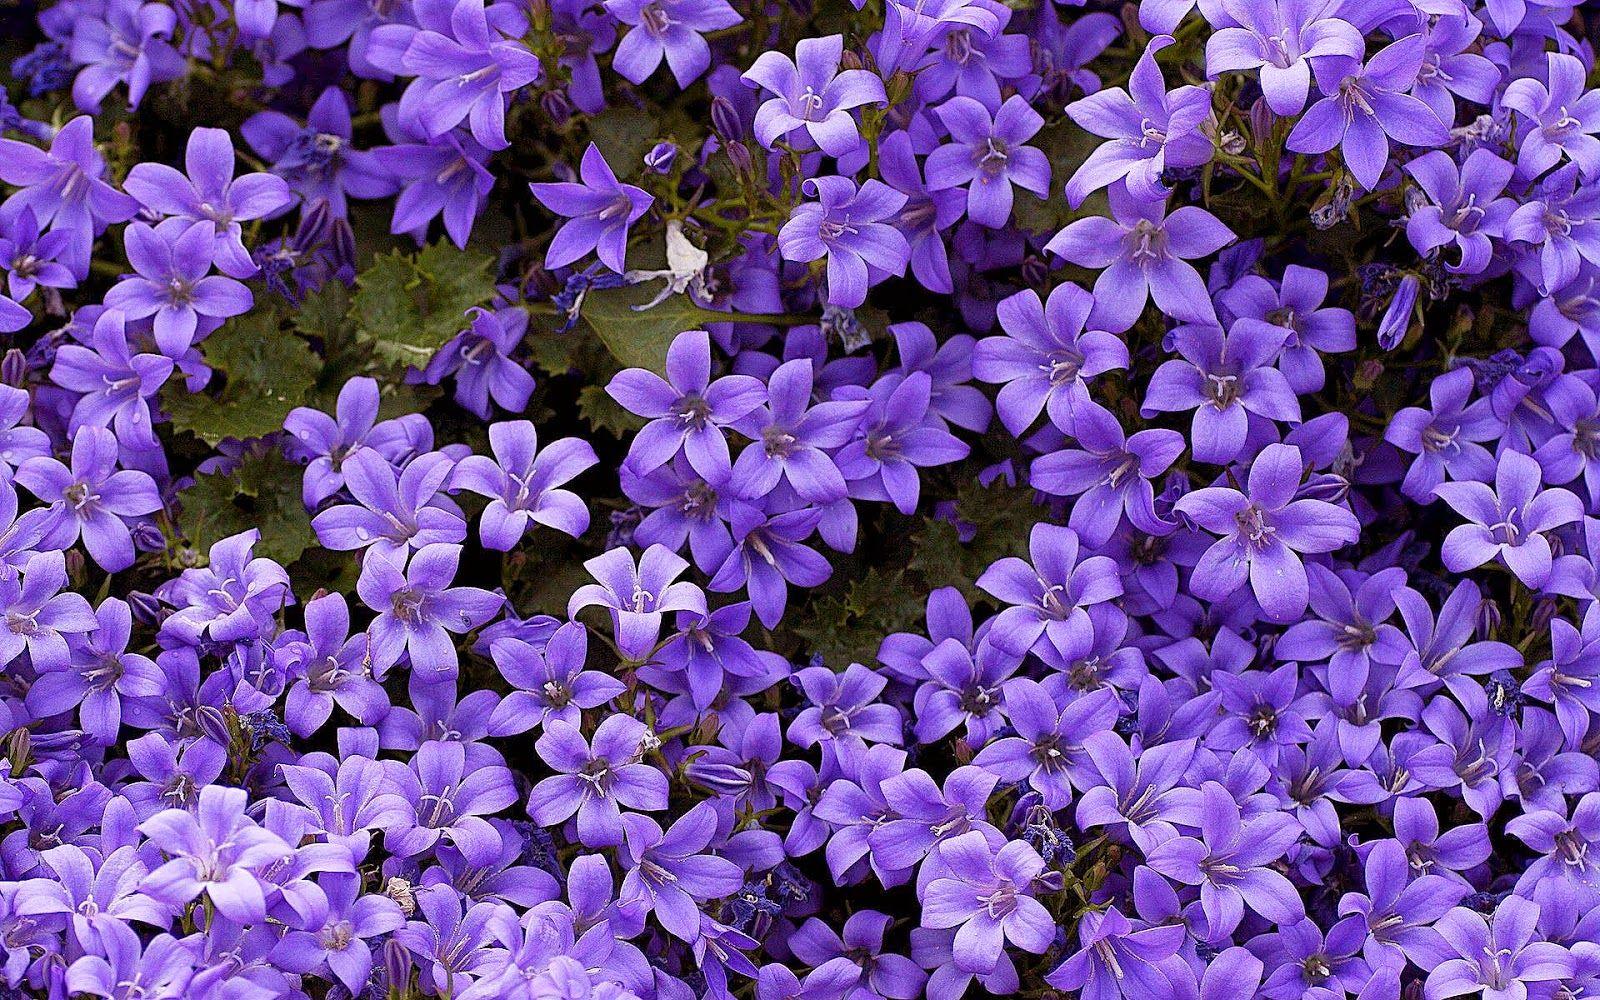 Blumen Hintergrundbilder: Desktop Wallpaper Mit Lila Blumen